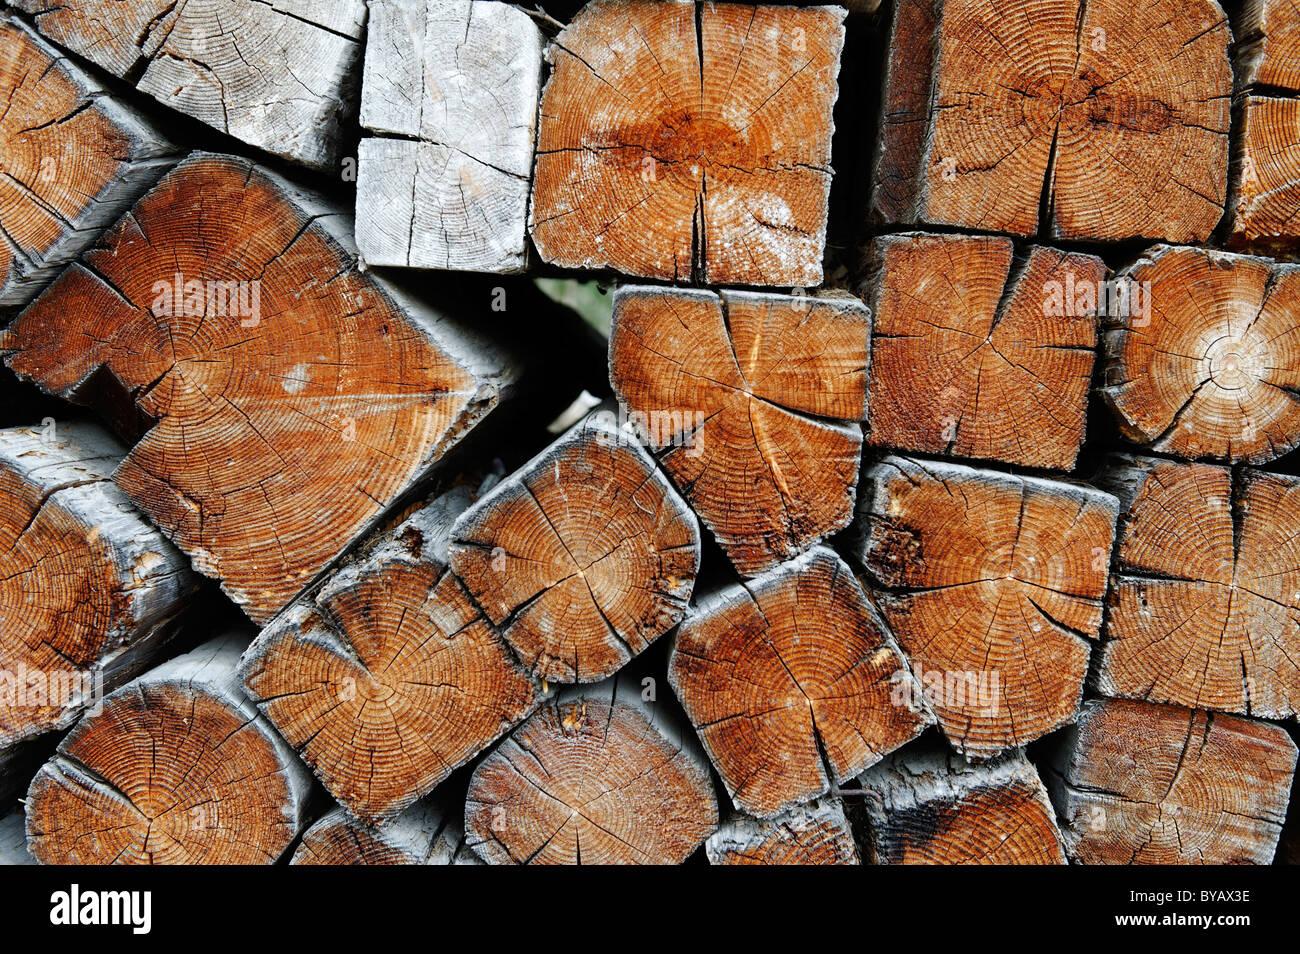 Vieilles poutres en bois, de vieux bois de feu Photo Stock